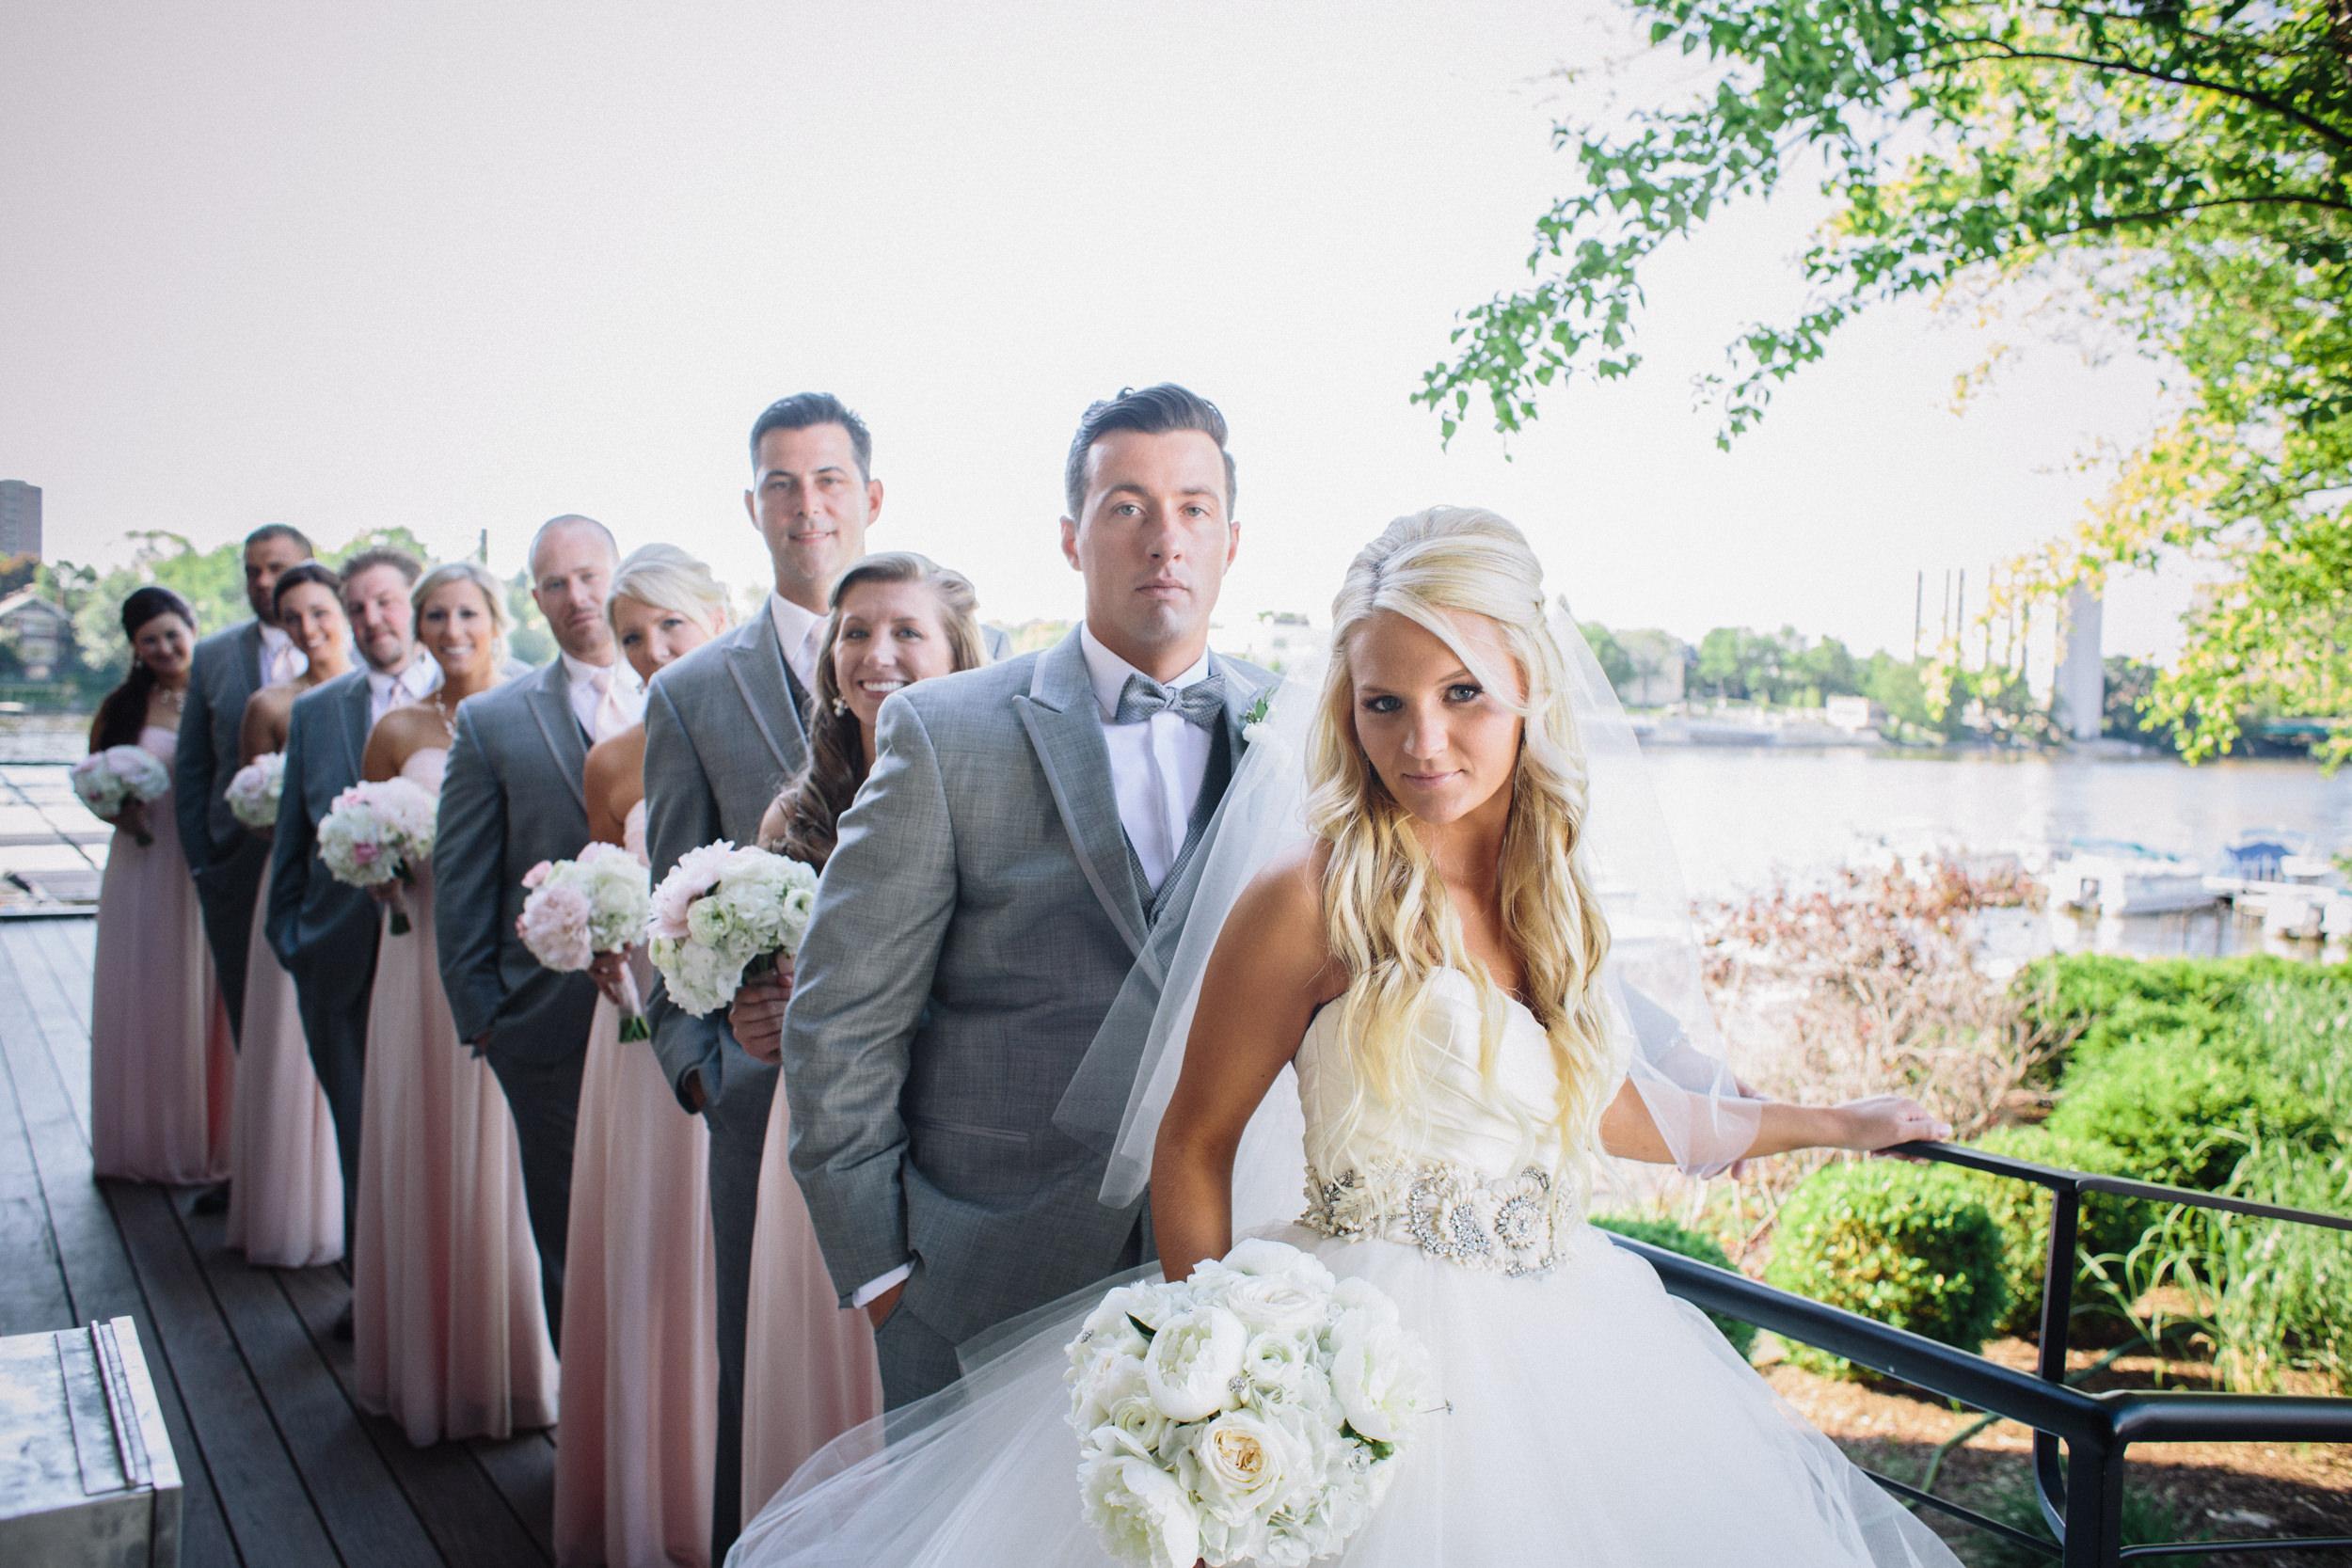 Melinda and Paul's Summer wedding at Prairie Street Brewhouse-123.jpg